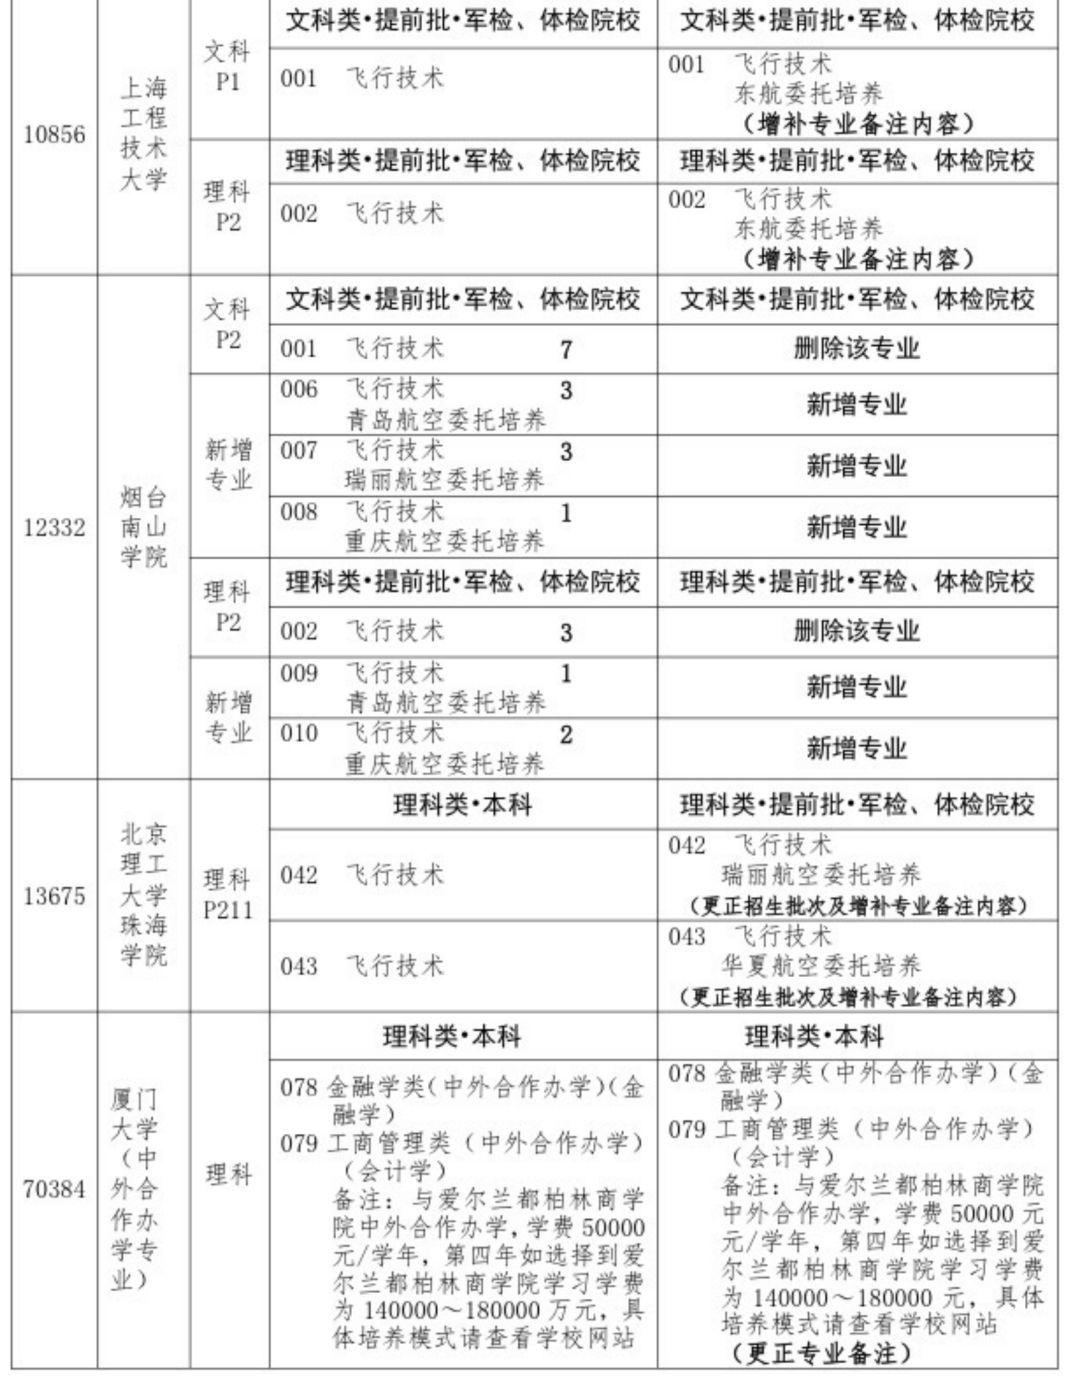 重磅 今年广东高考本科招生28.8万人,北航北外招生专业有变化